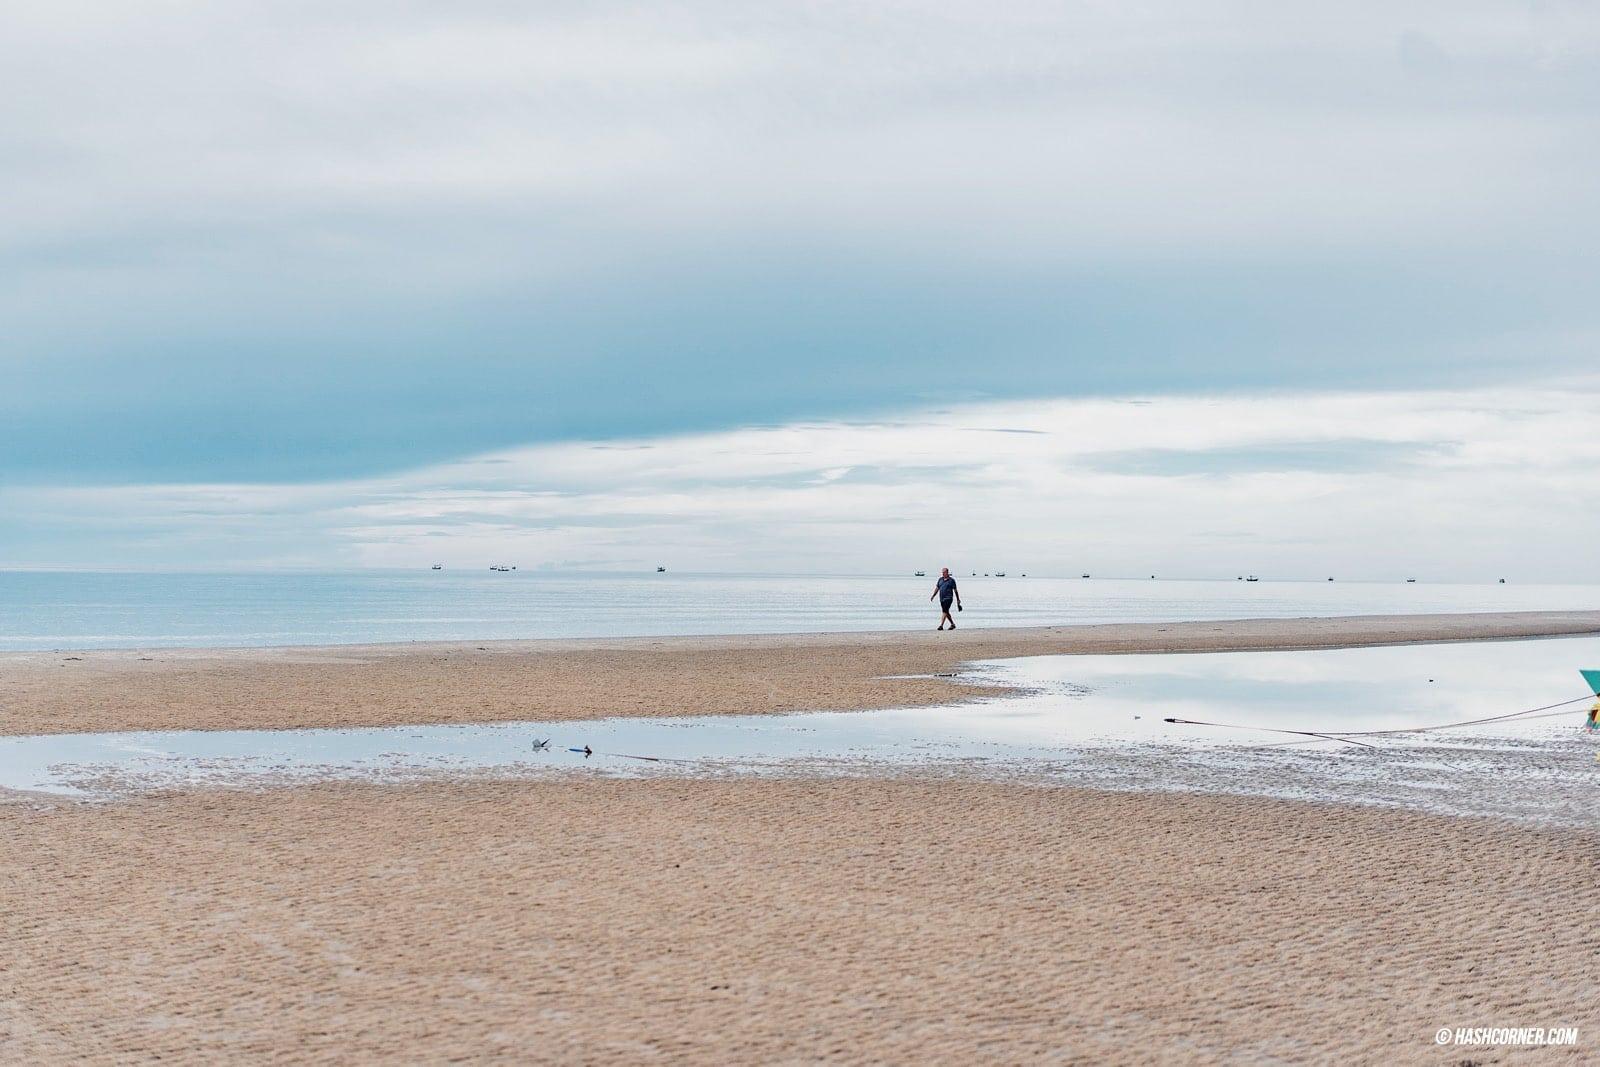 7 ที่เที่ยวหน้าร้อน ชวนรับลมทะเลสุดฟินช่วงซัมเมอร์